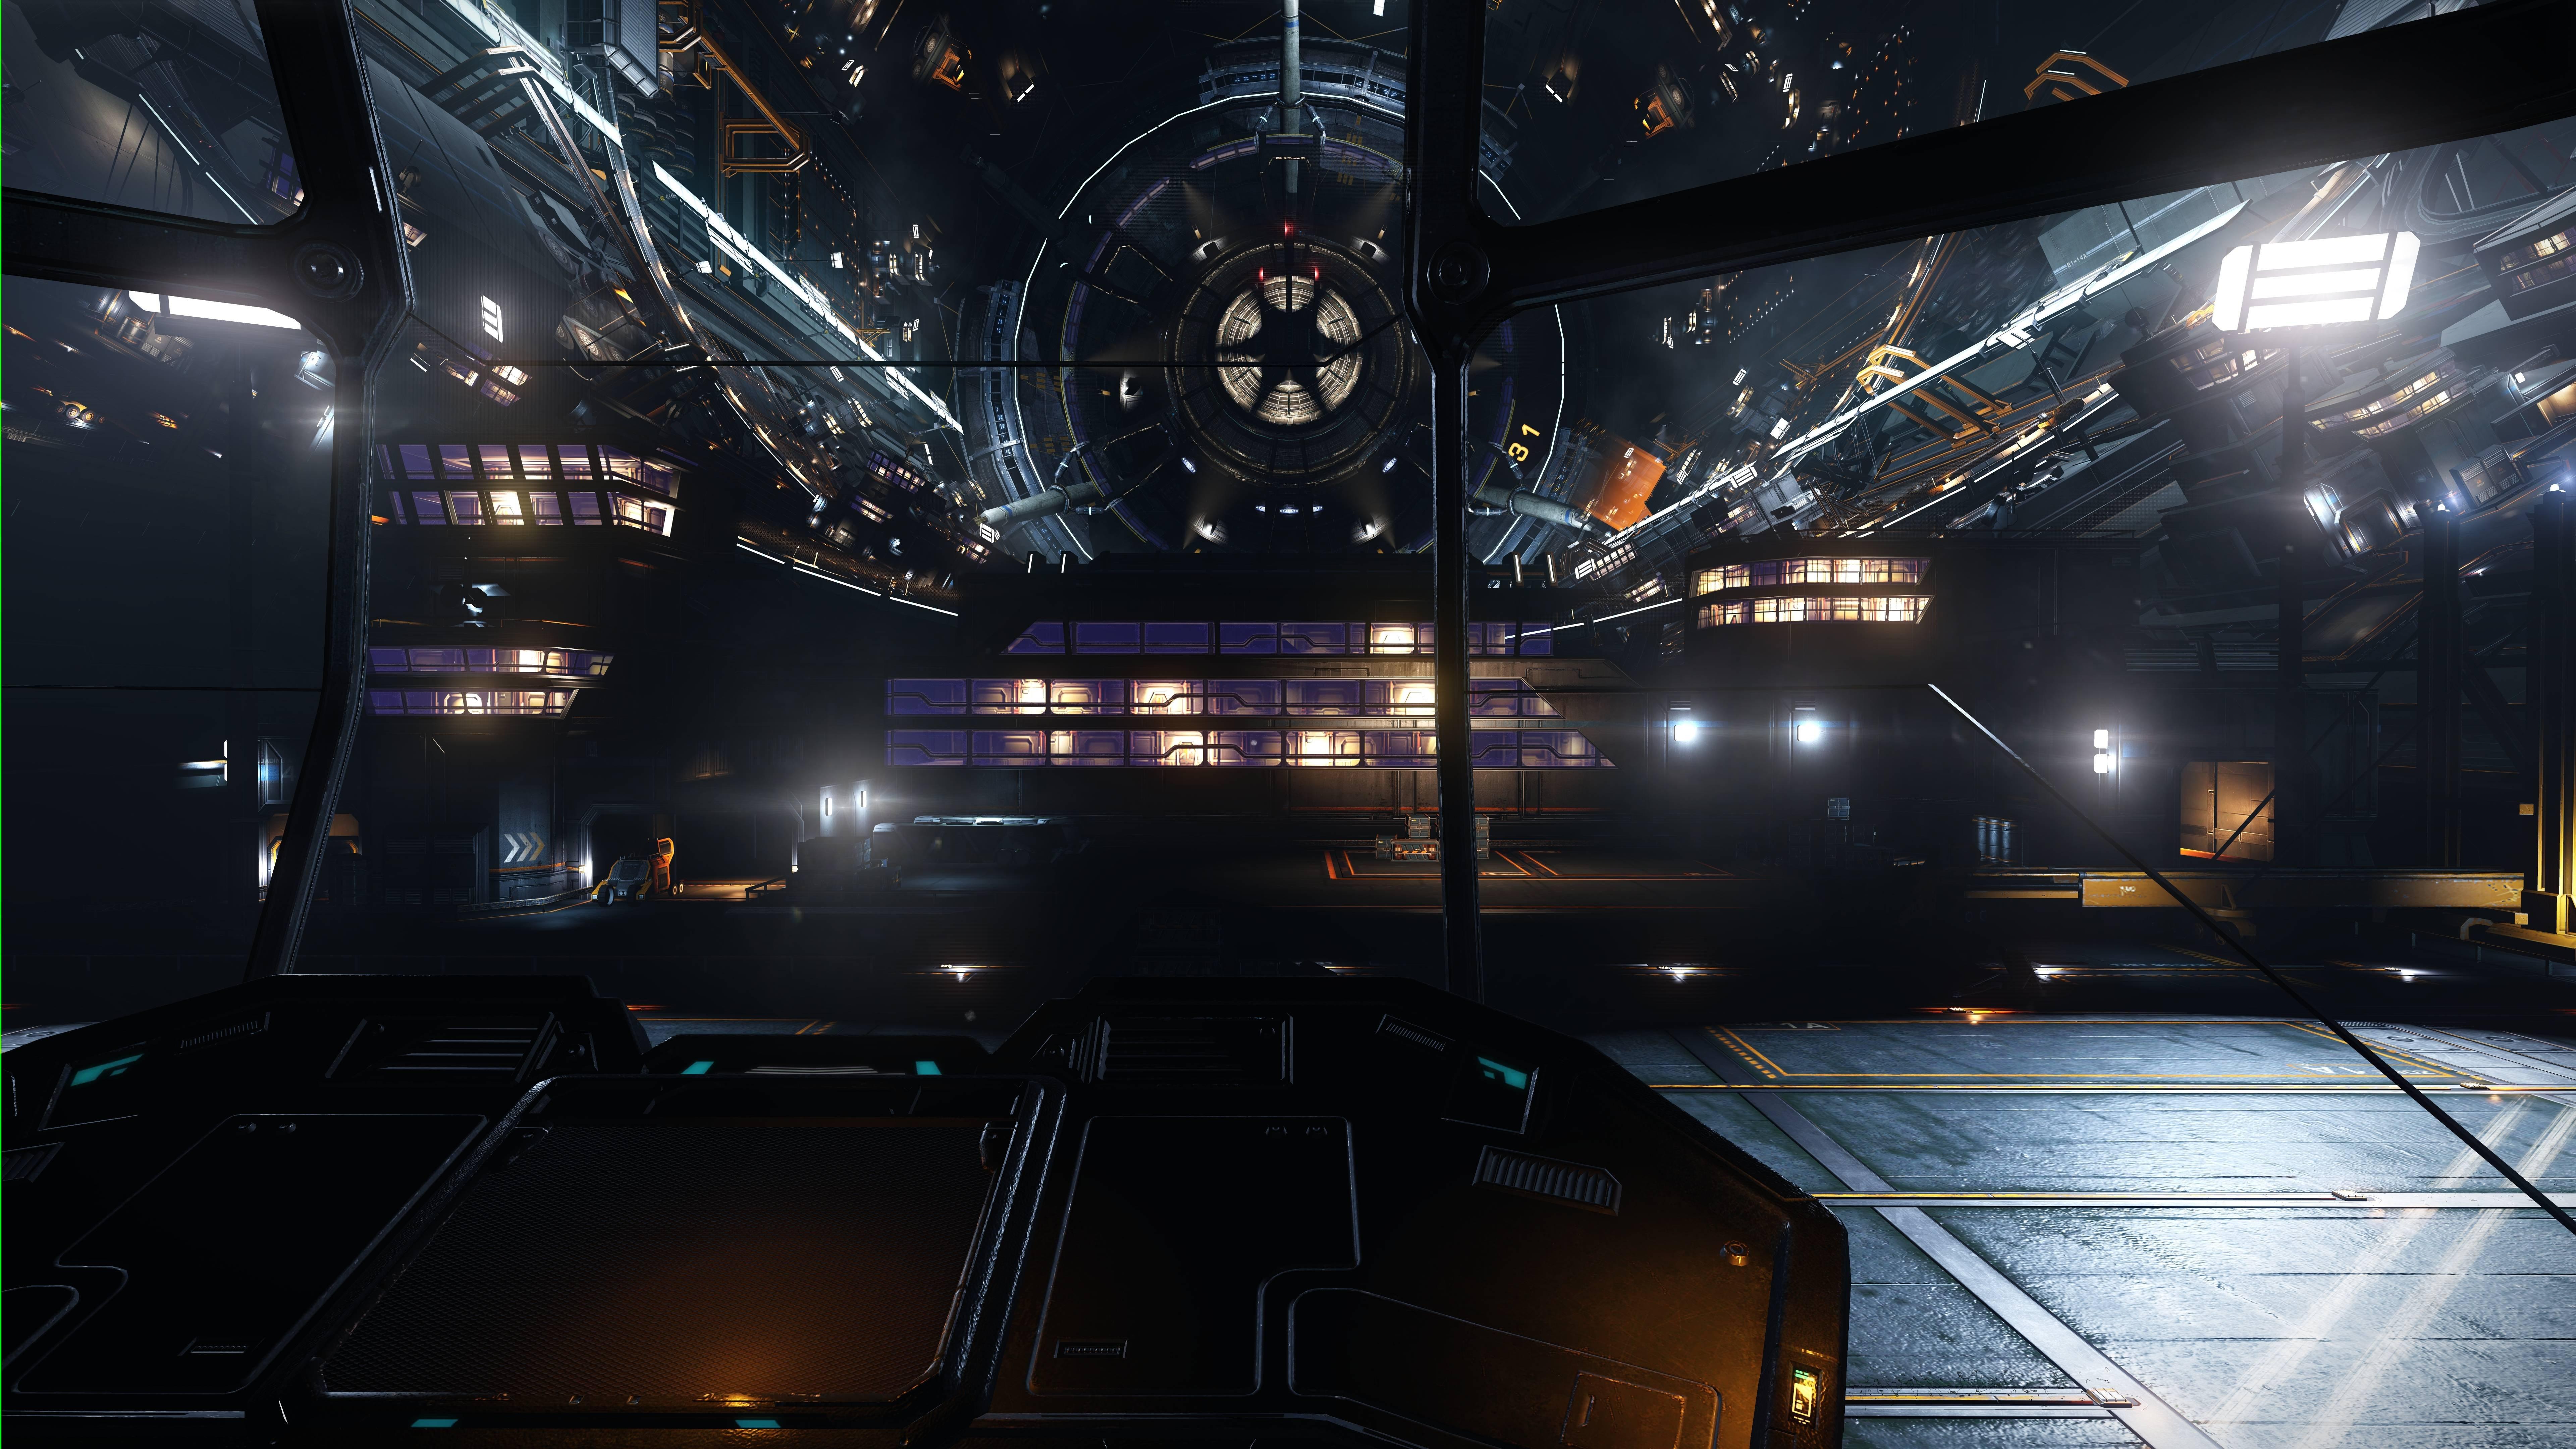 elite dangerous cockpit hd wallpaper - photo #13